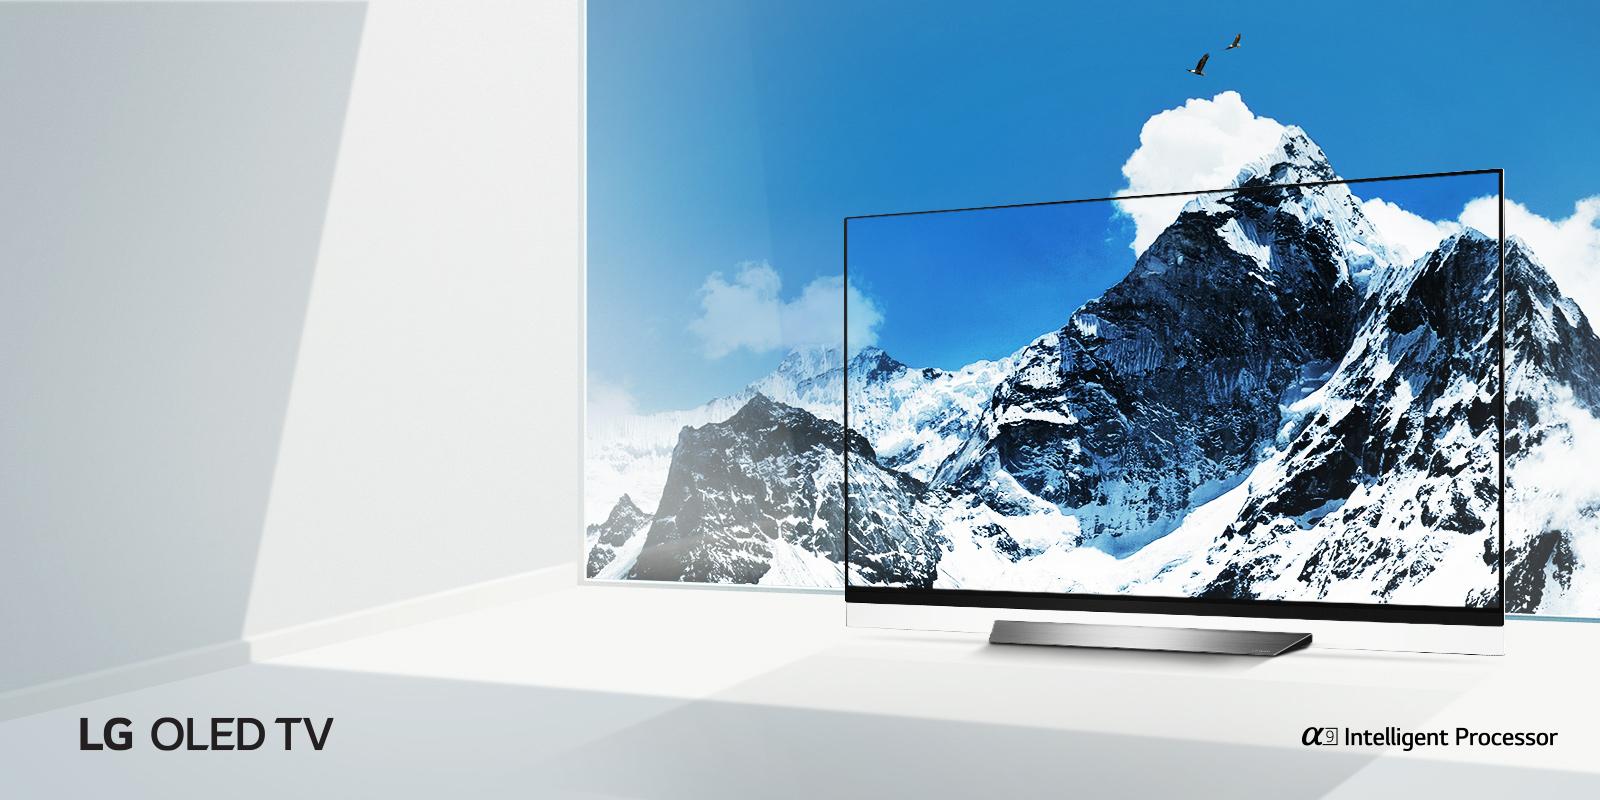 LG explica la diferencia entre sus pantallas LED y OLED